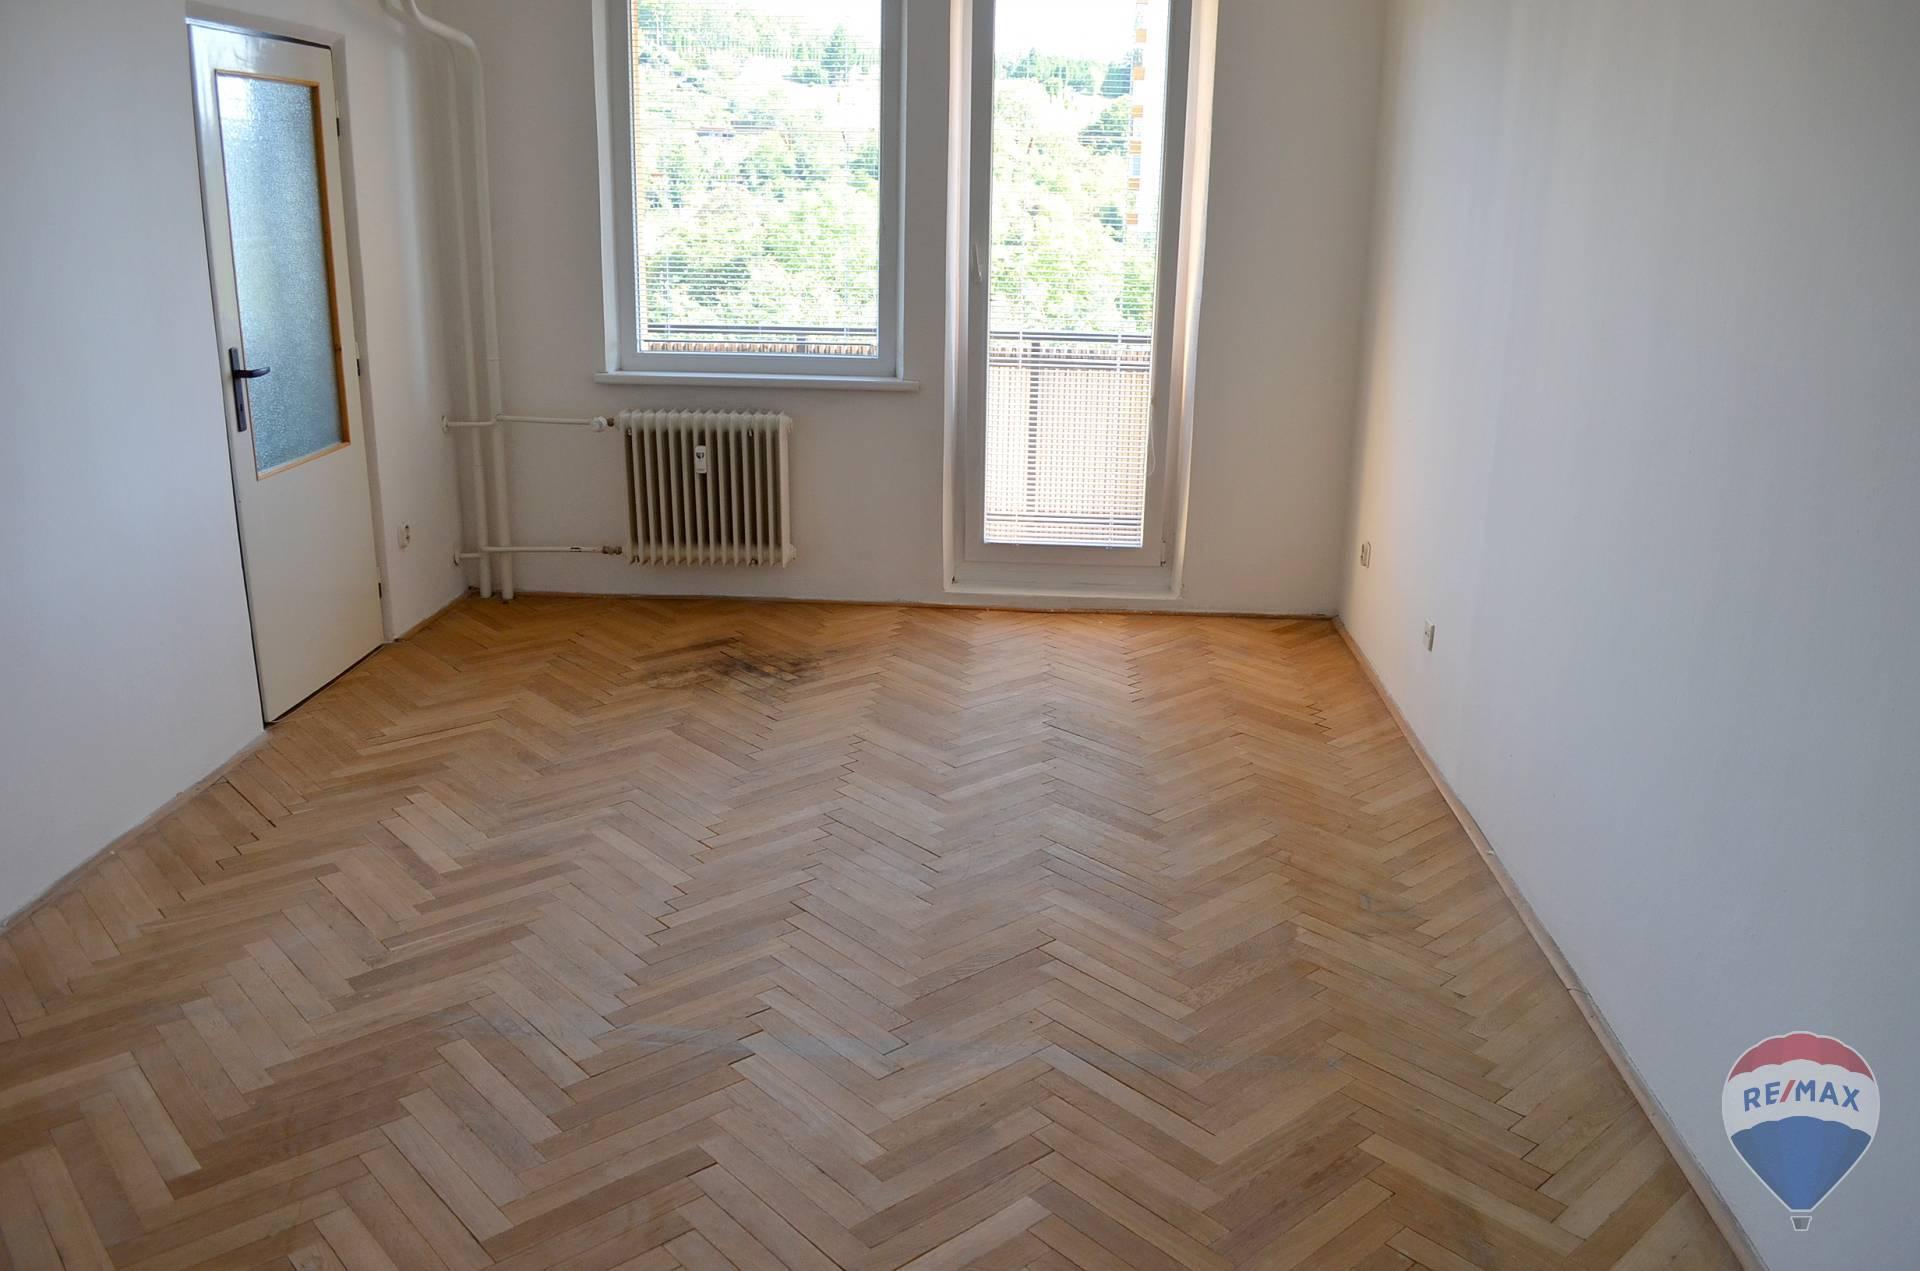 Predaj bytu (3 izbový) 75 m2, Trenčín -